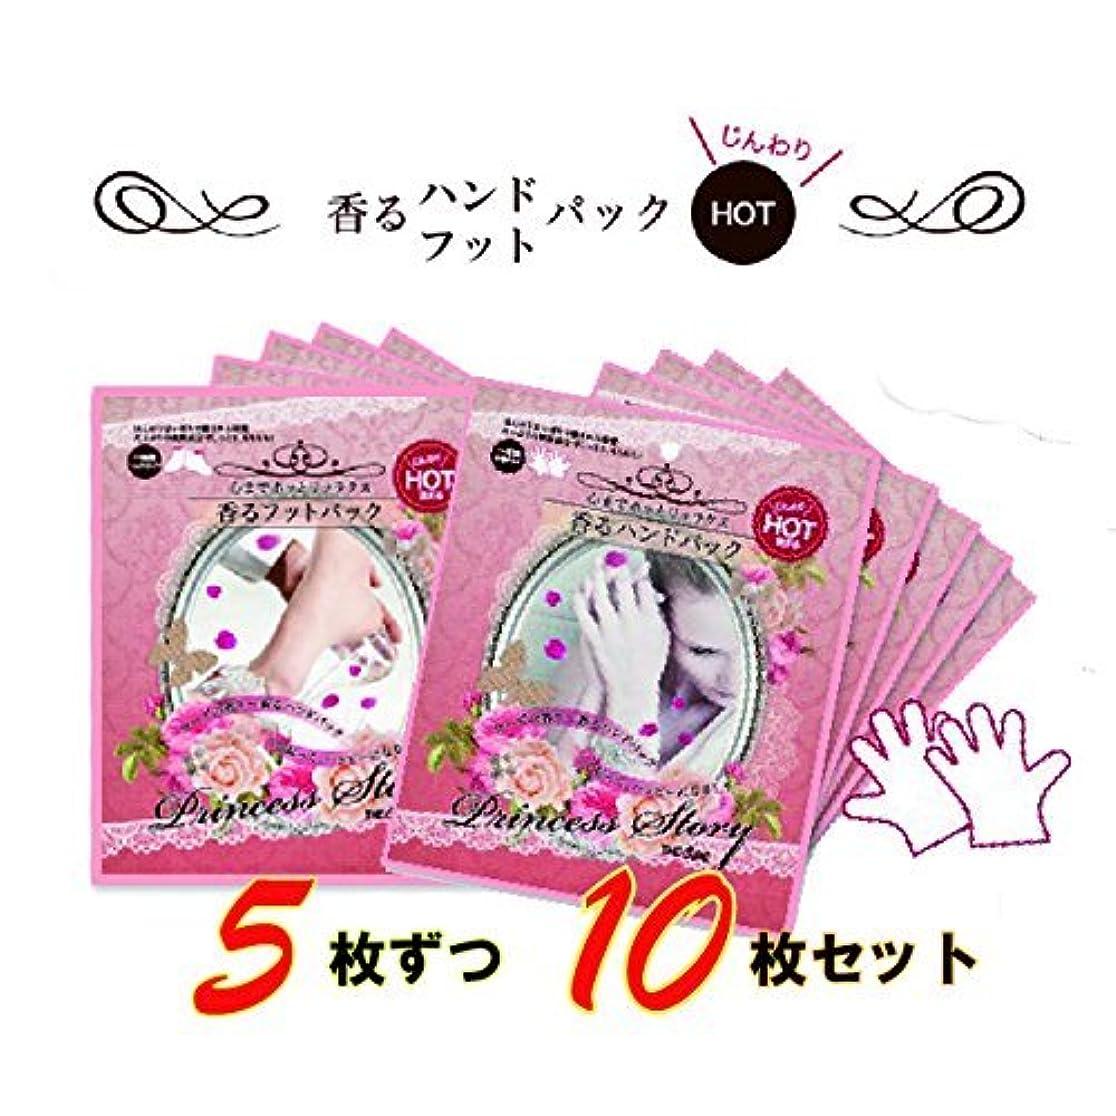 間違えた整理するきれいに香るハンド &フットパック HOT キュア プリンセス ストーリーTHE CURE 5枚ずつ10枚セット